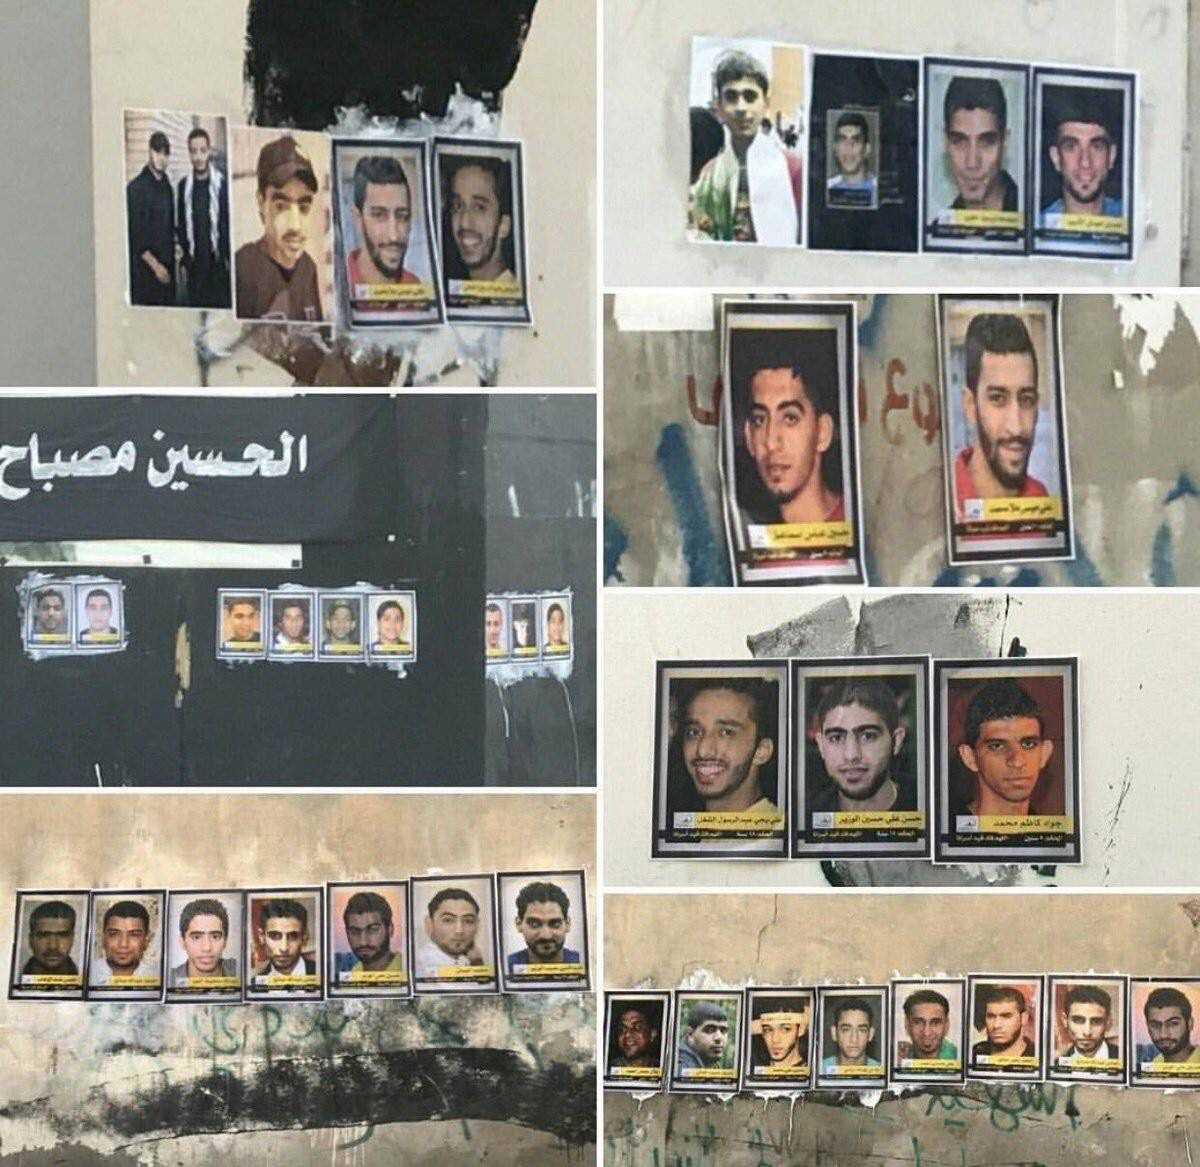 صحيفة الأحرار «غرب البحرين» تزدان بصور معتقلي الرأي